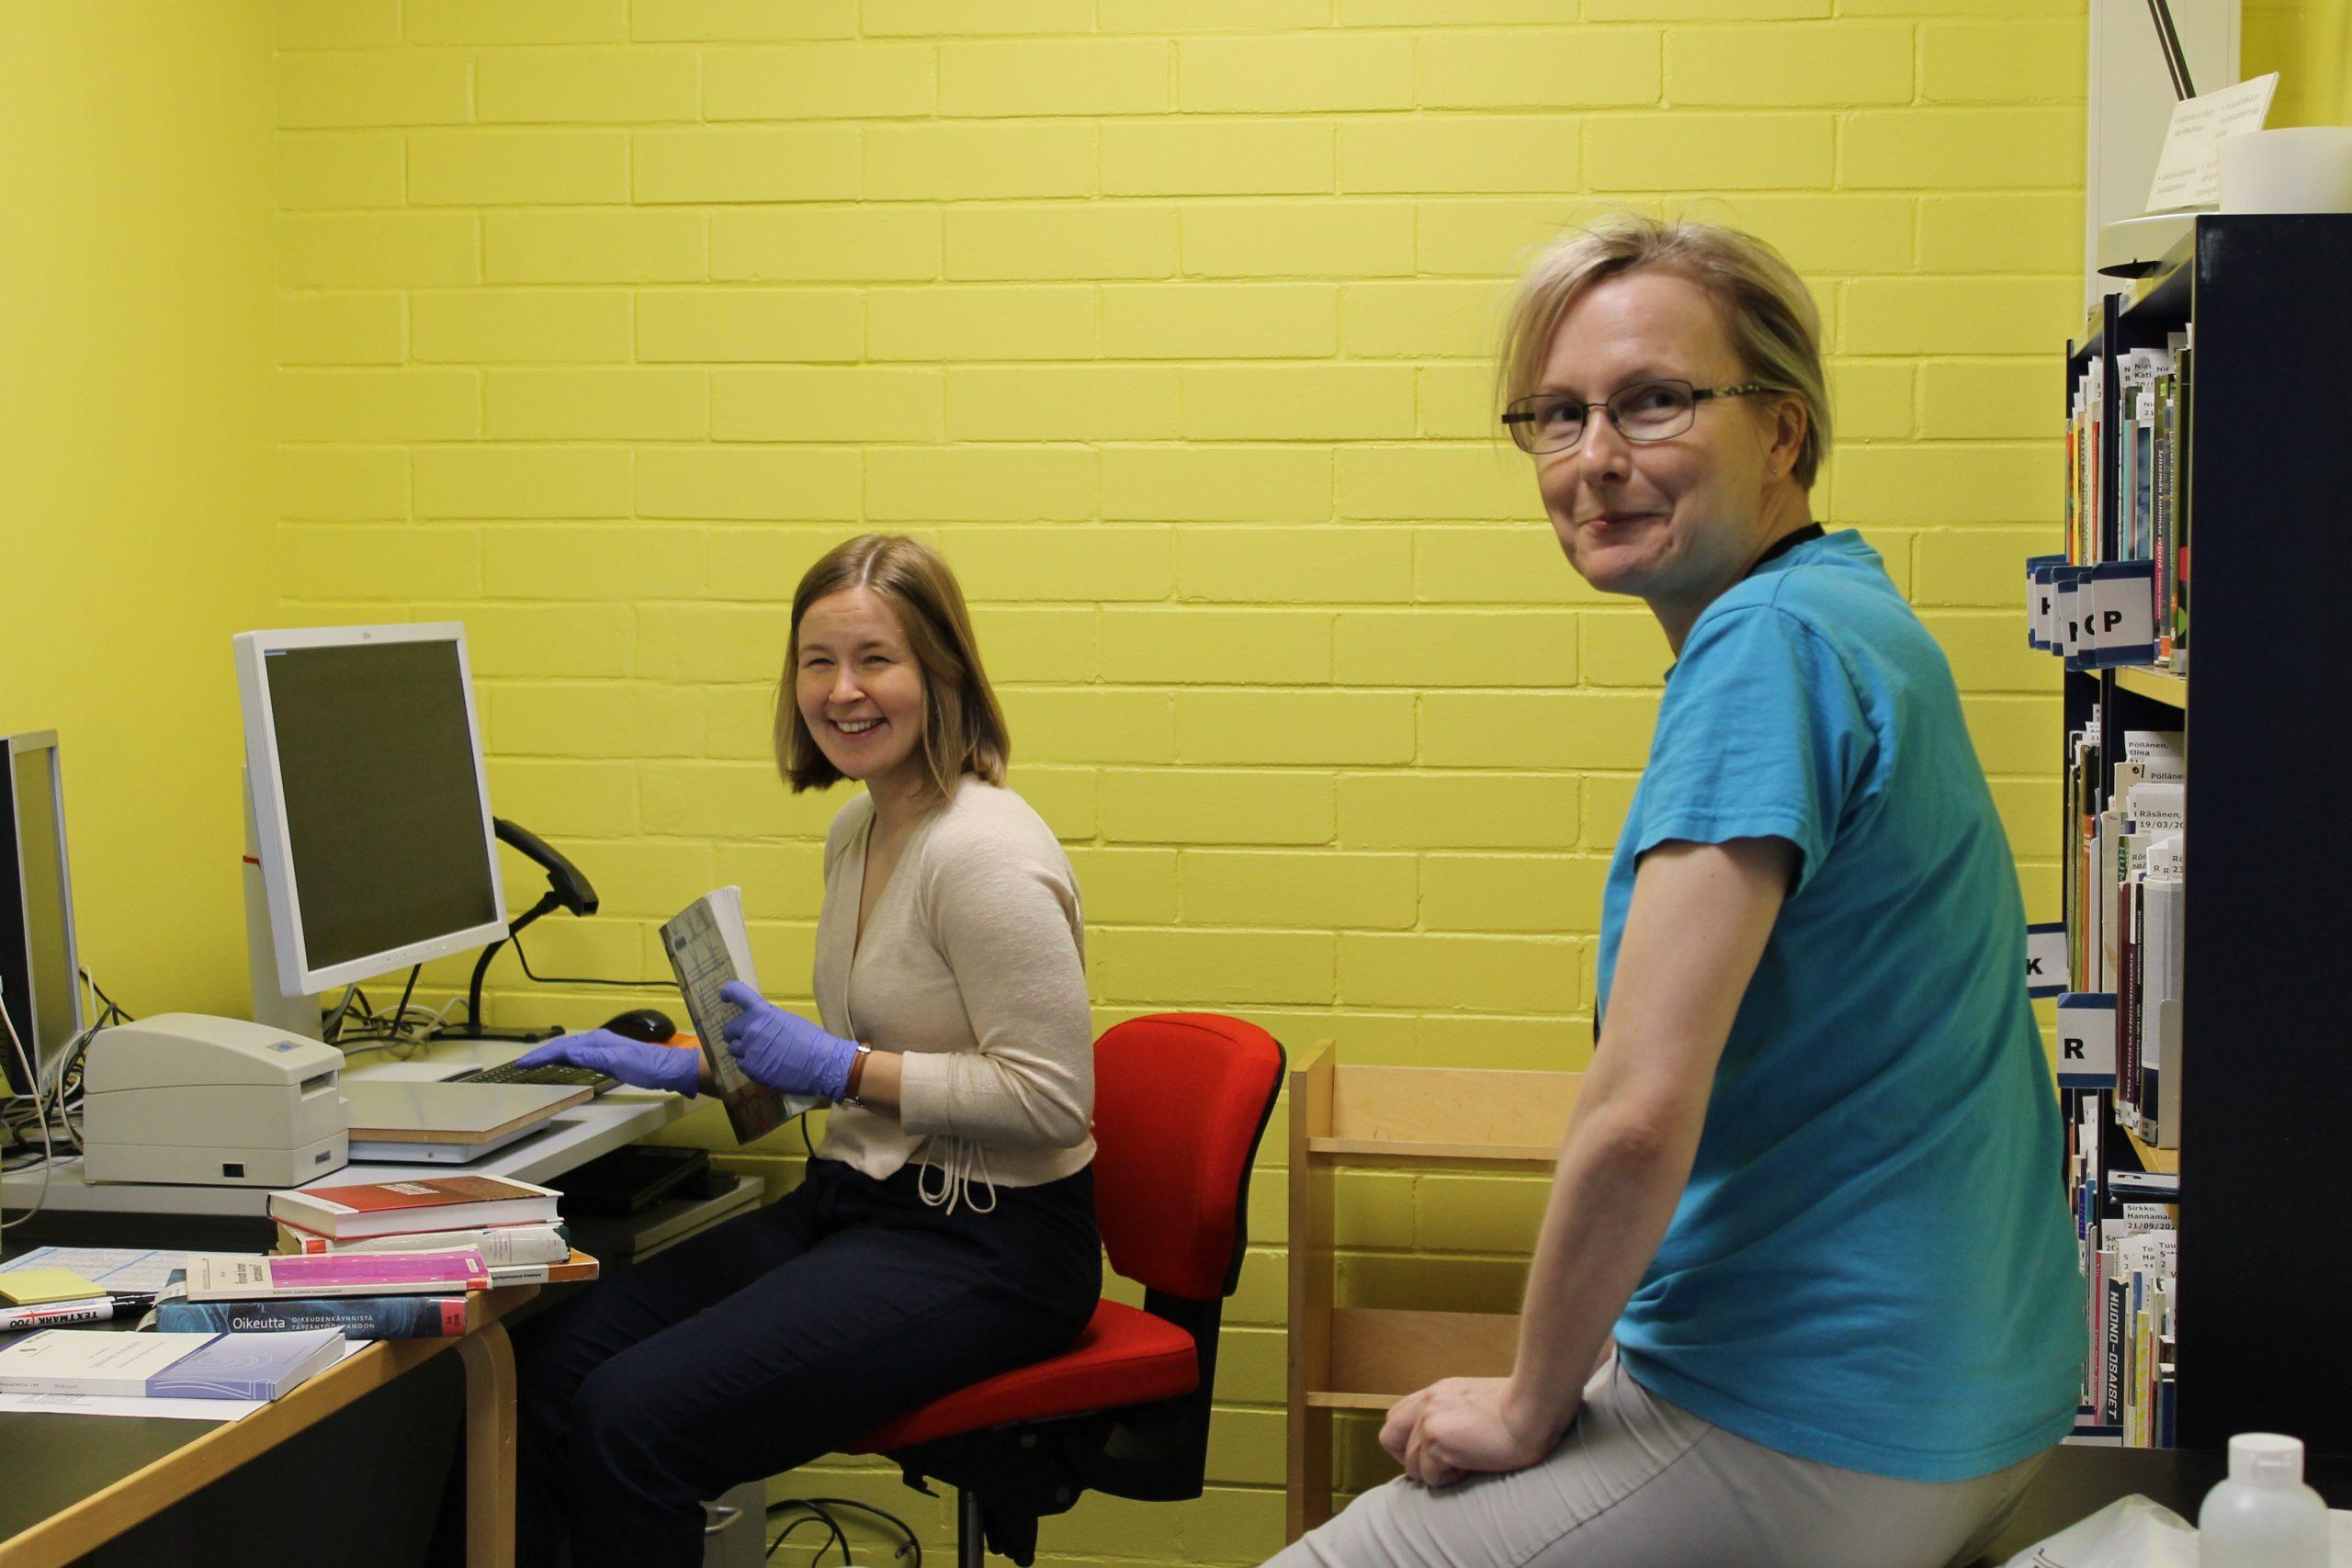 Kaksi naista - toineen tietokoneen ääressä kirja kädessä, toinen hänen takanaan, kameraan huoneessa, jossa on keltainen tiiliseinä ja musta kirjahylly täynnä kirjoja.